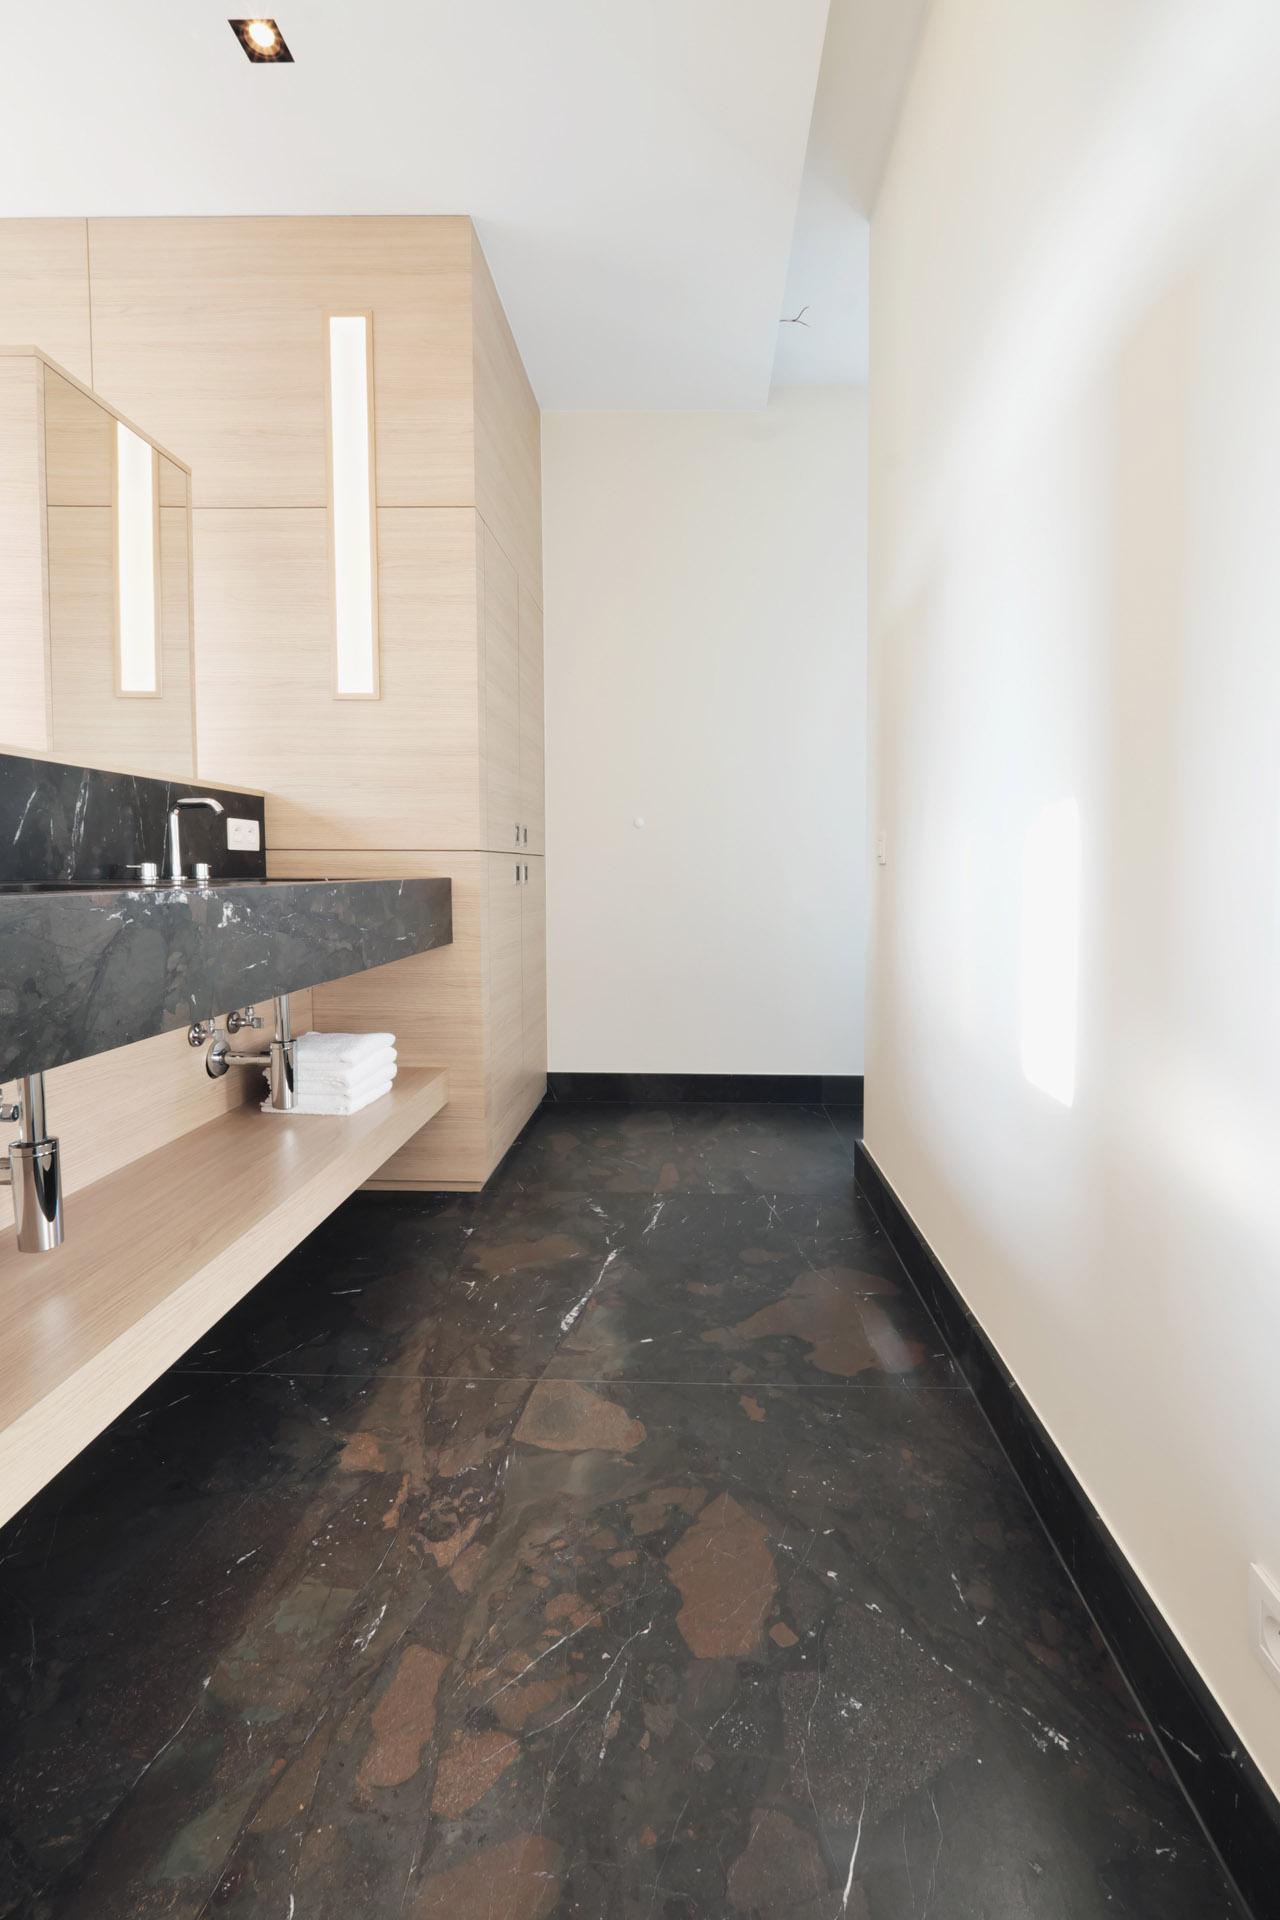 XXL Naturstein Fliesen auf Maß aus Breccia Imperiale mit wenigen Fugen auf Bodenheizung im Badezimmer verlegt